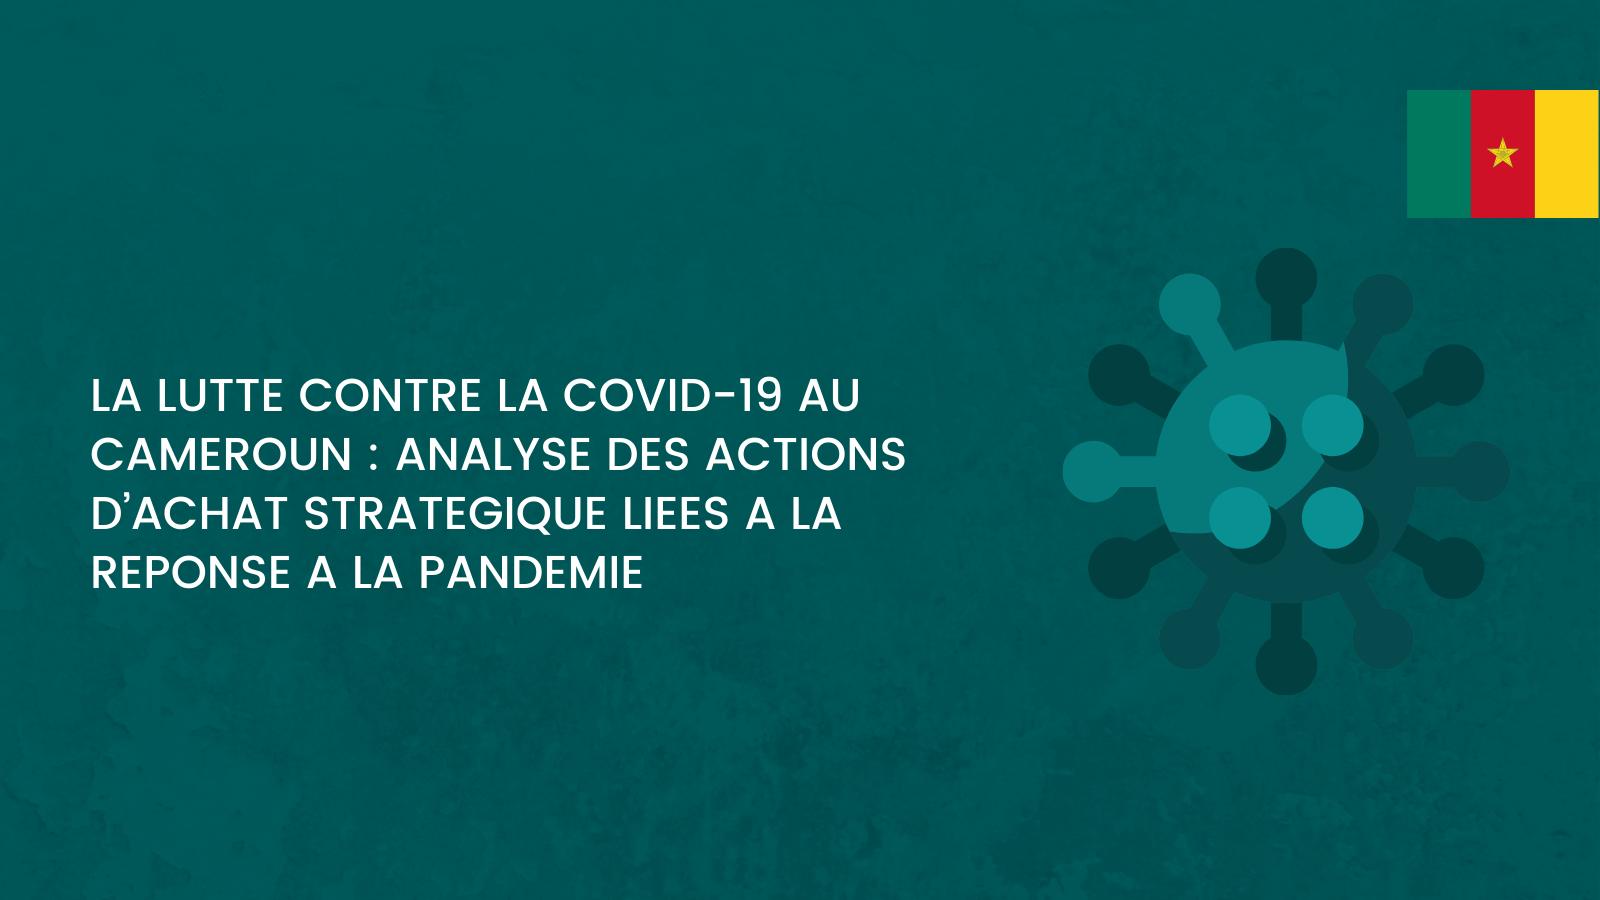 La Lutte Contre La Covid-19 Au Cameroun : Analyse Des Actions D'achat Strategique Liees A La Reponse A La Pandemie